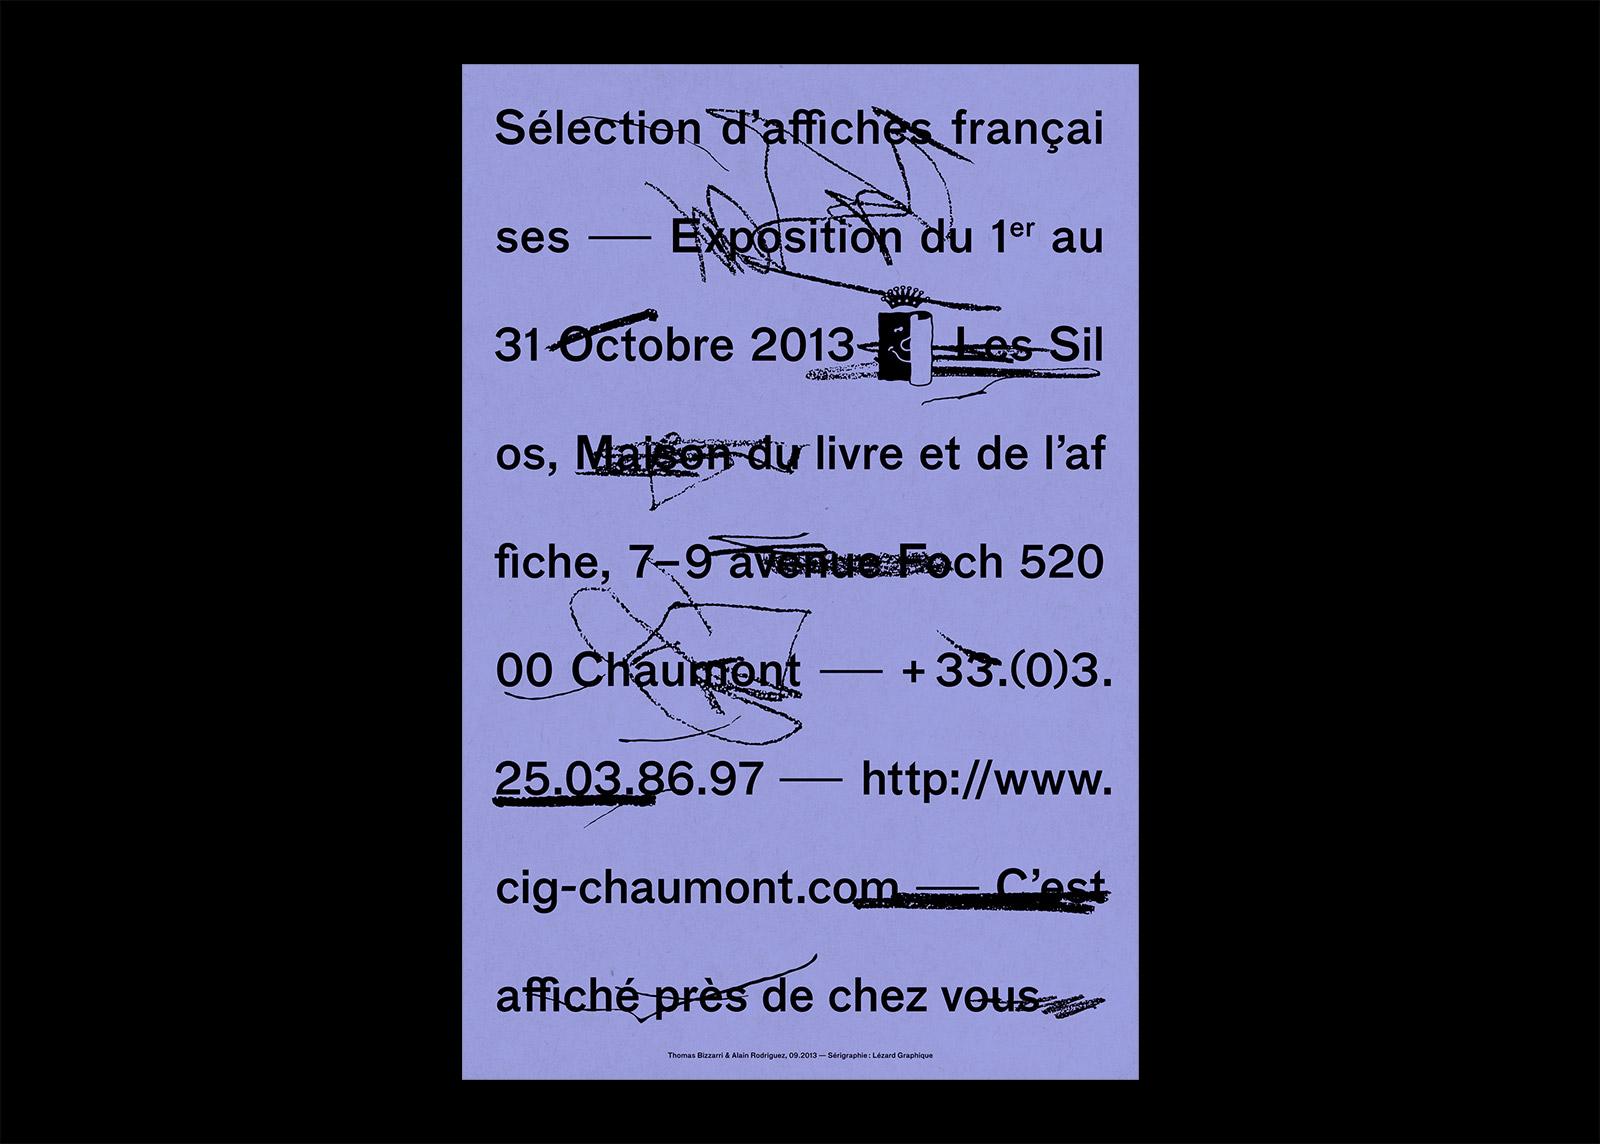 chaumont affiche 02